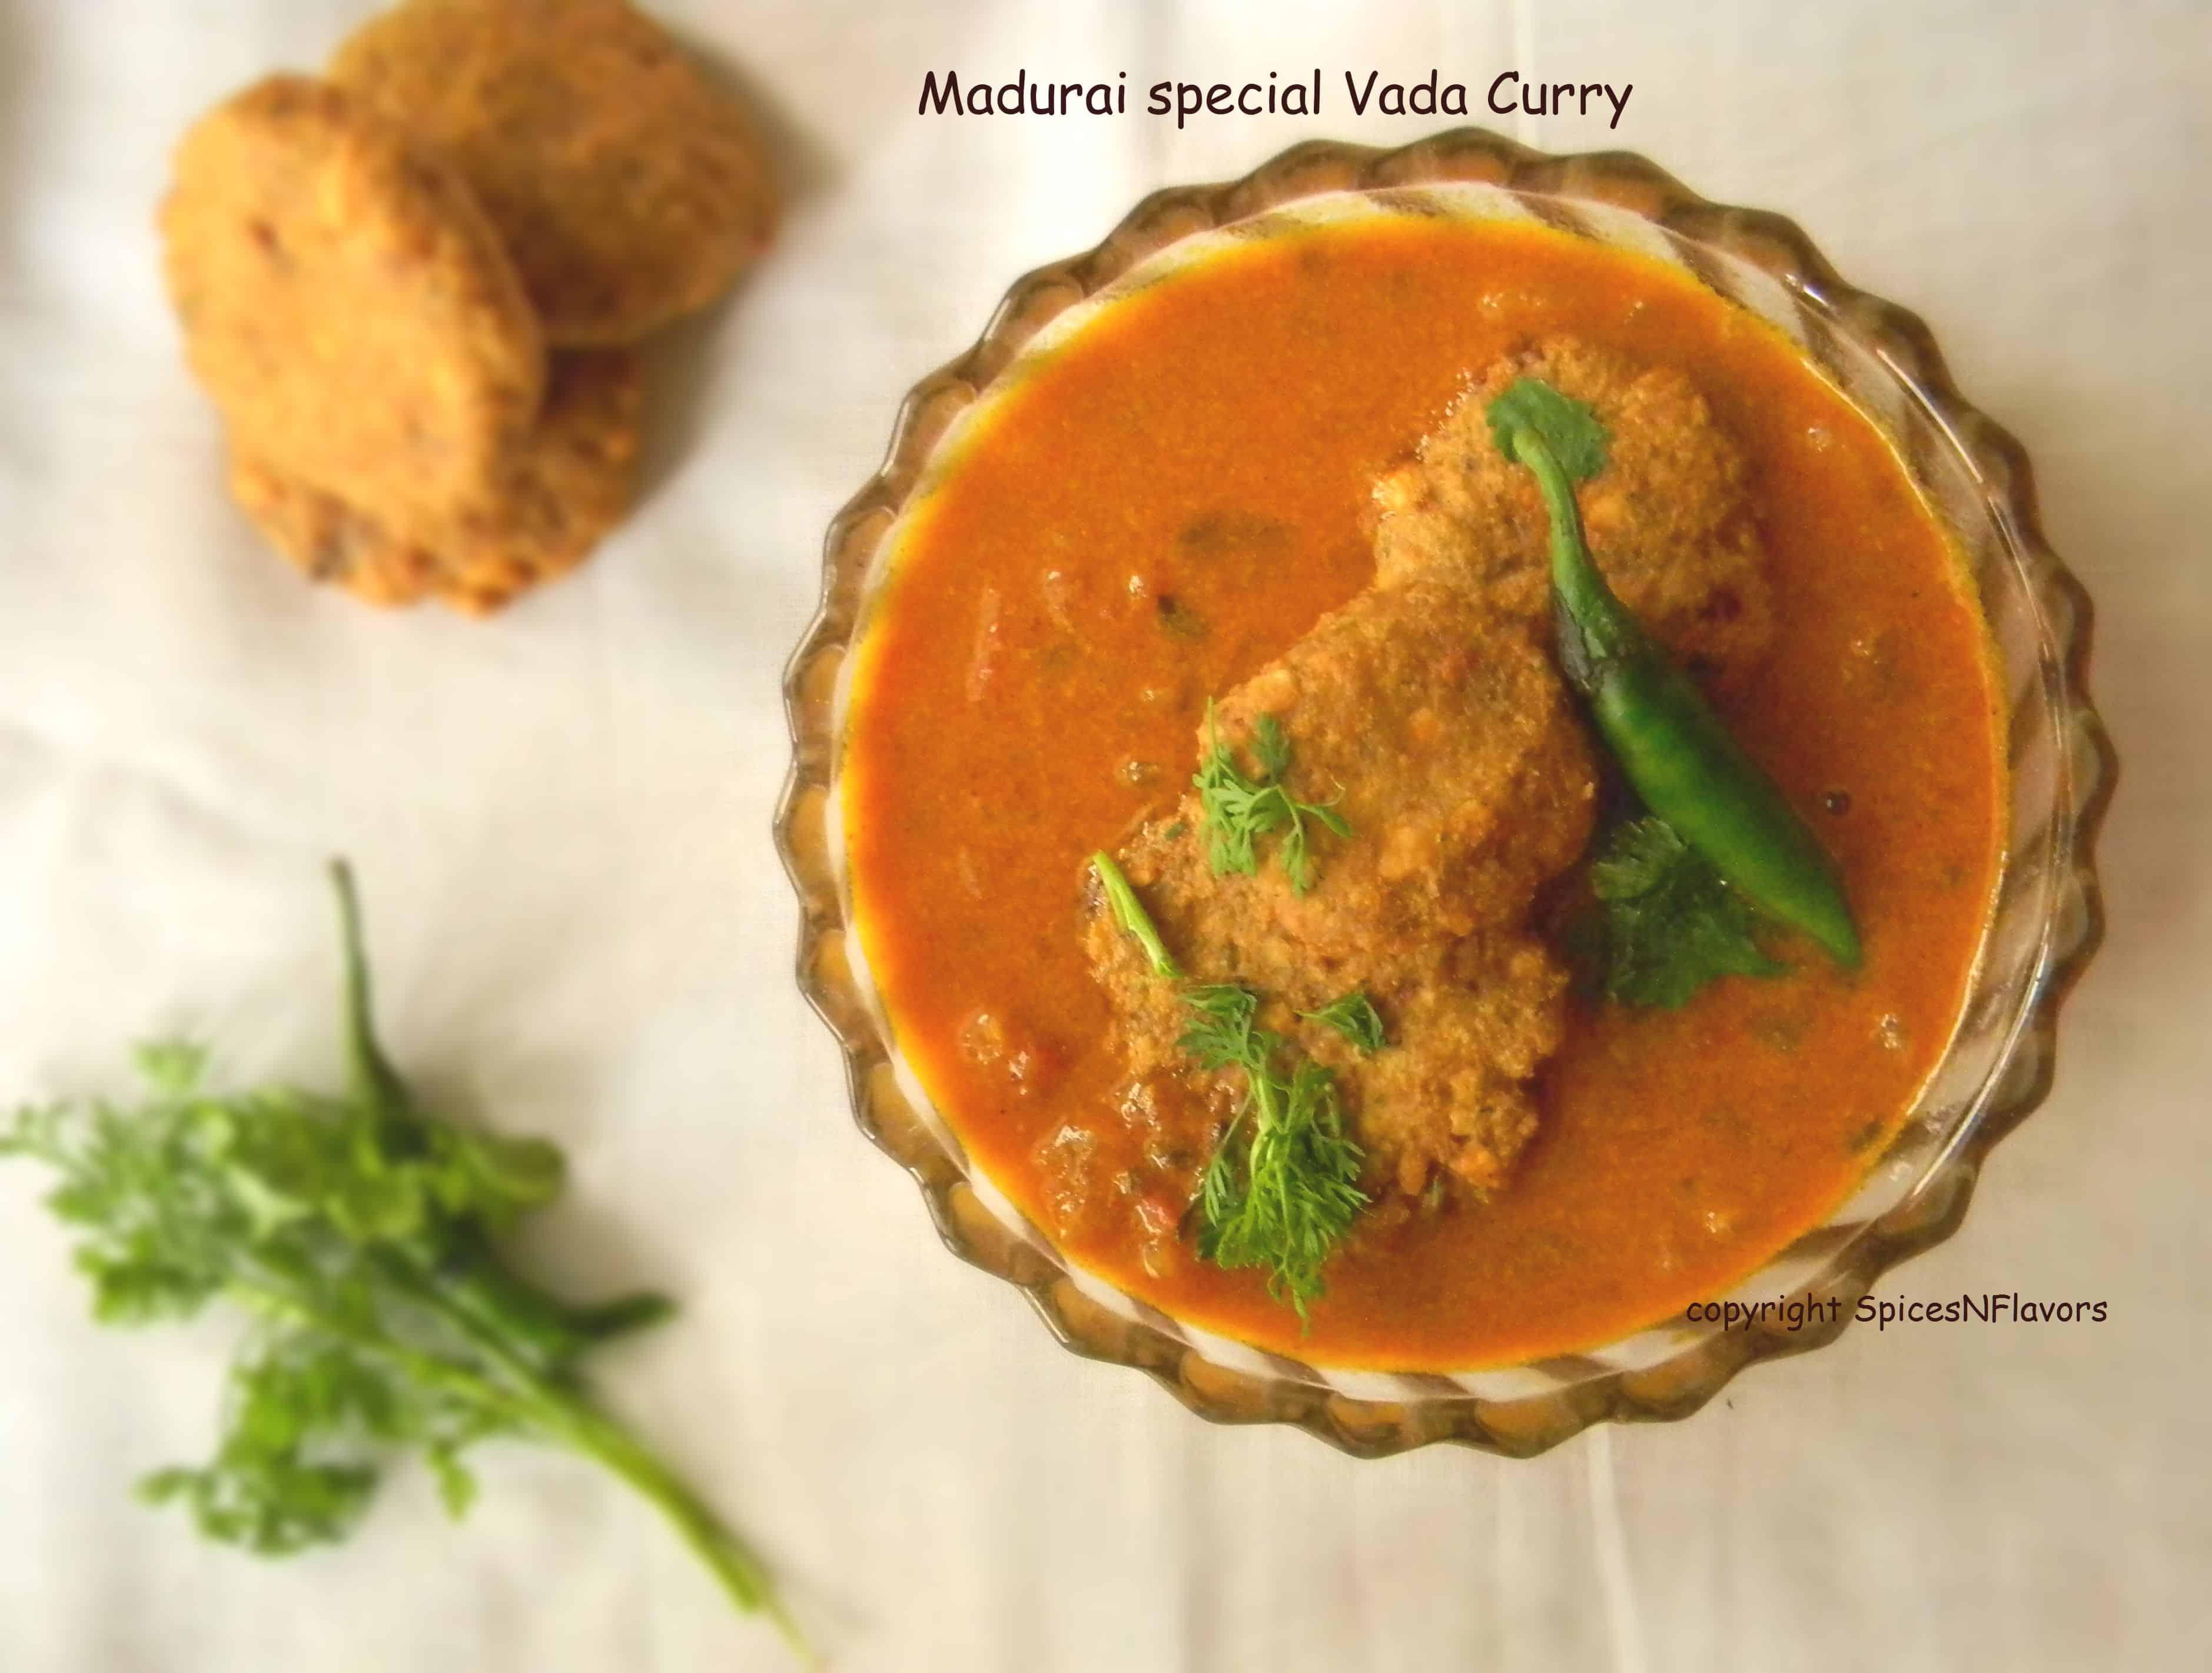 madurai-special-vada-curry-spicesnflavors.com